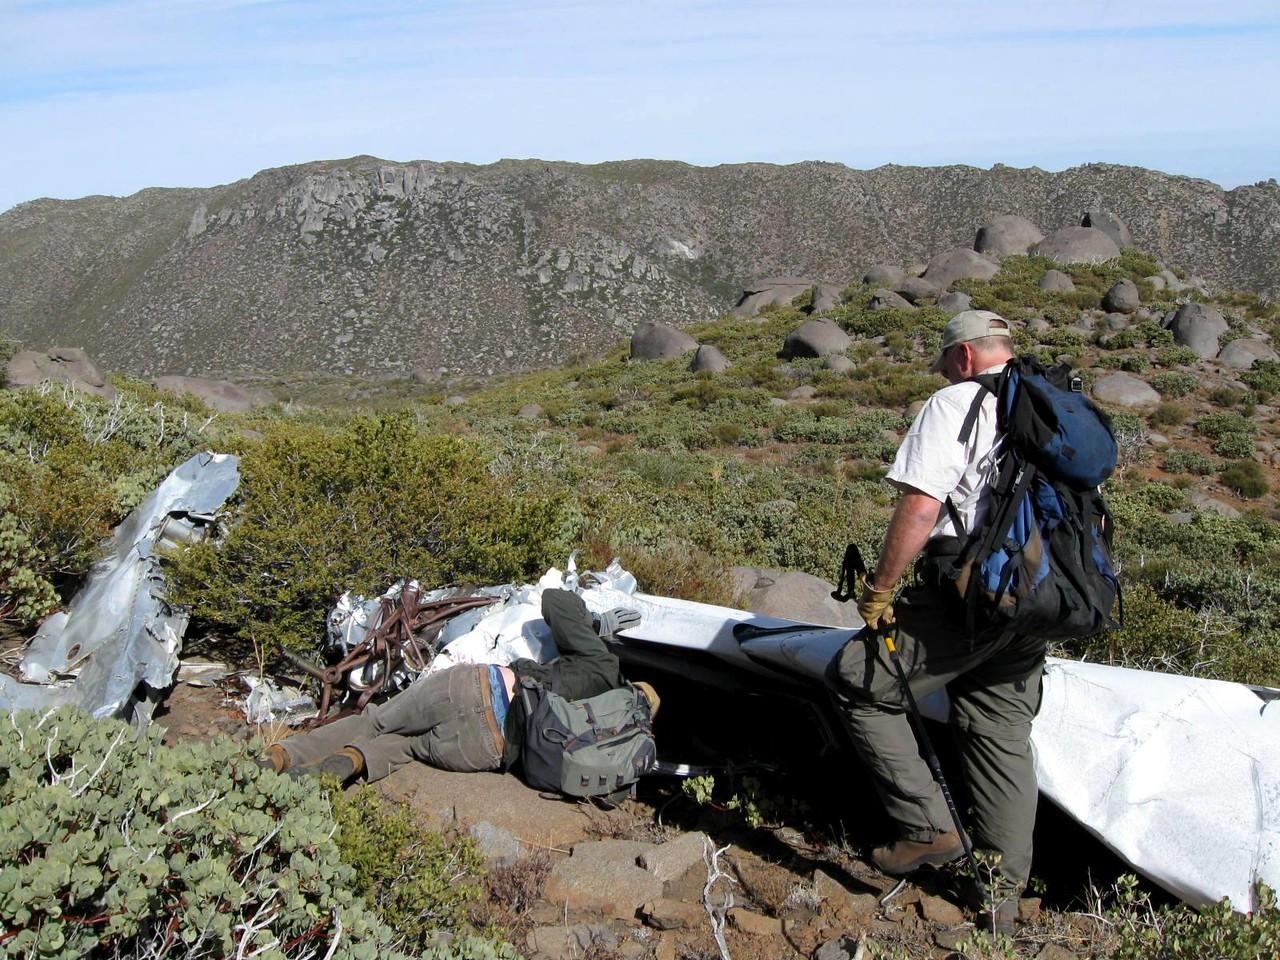 Trey examines the aircraft cabin area. (Photo courtesy of Steve Owen)